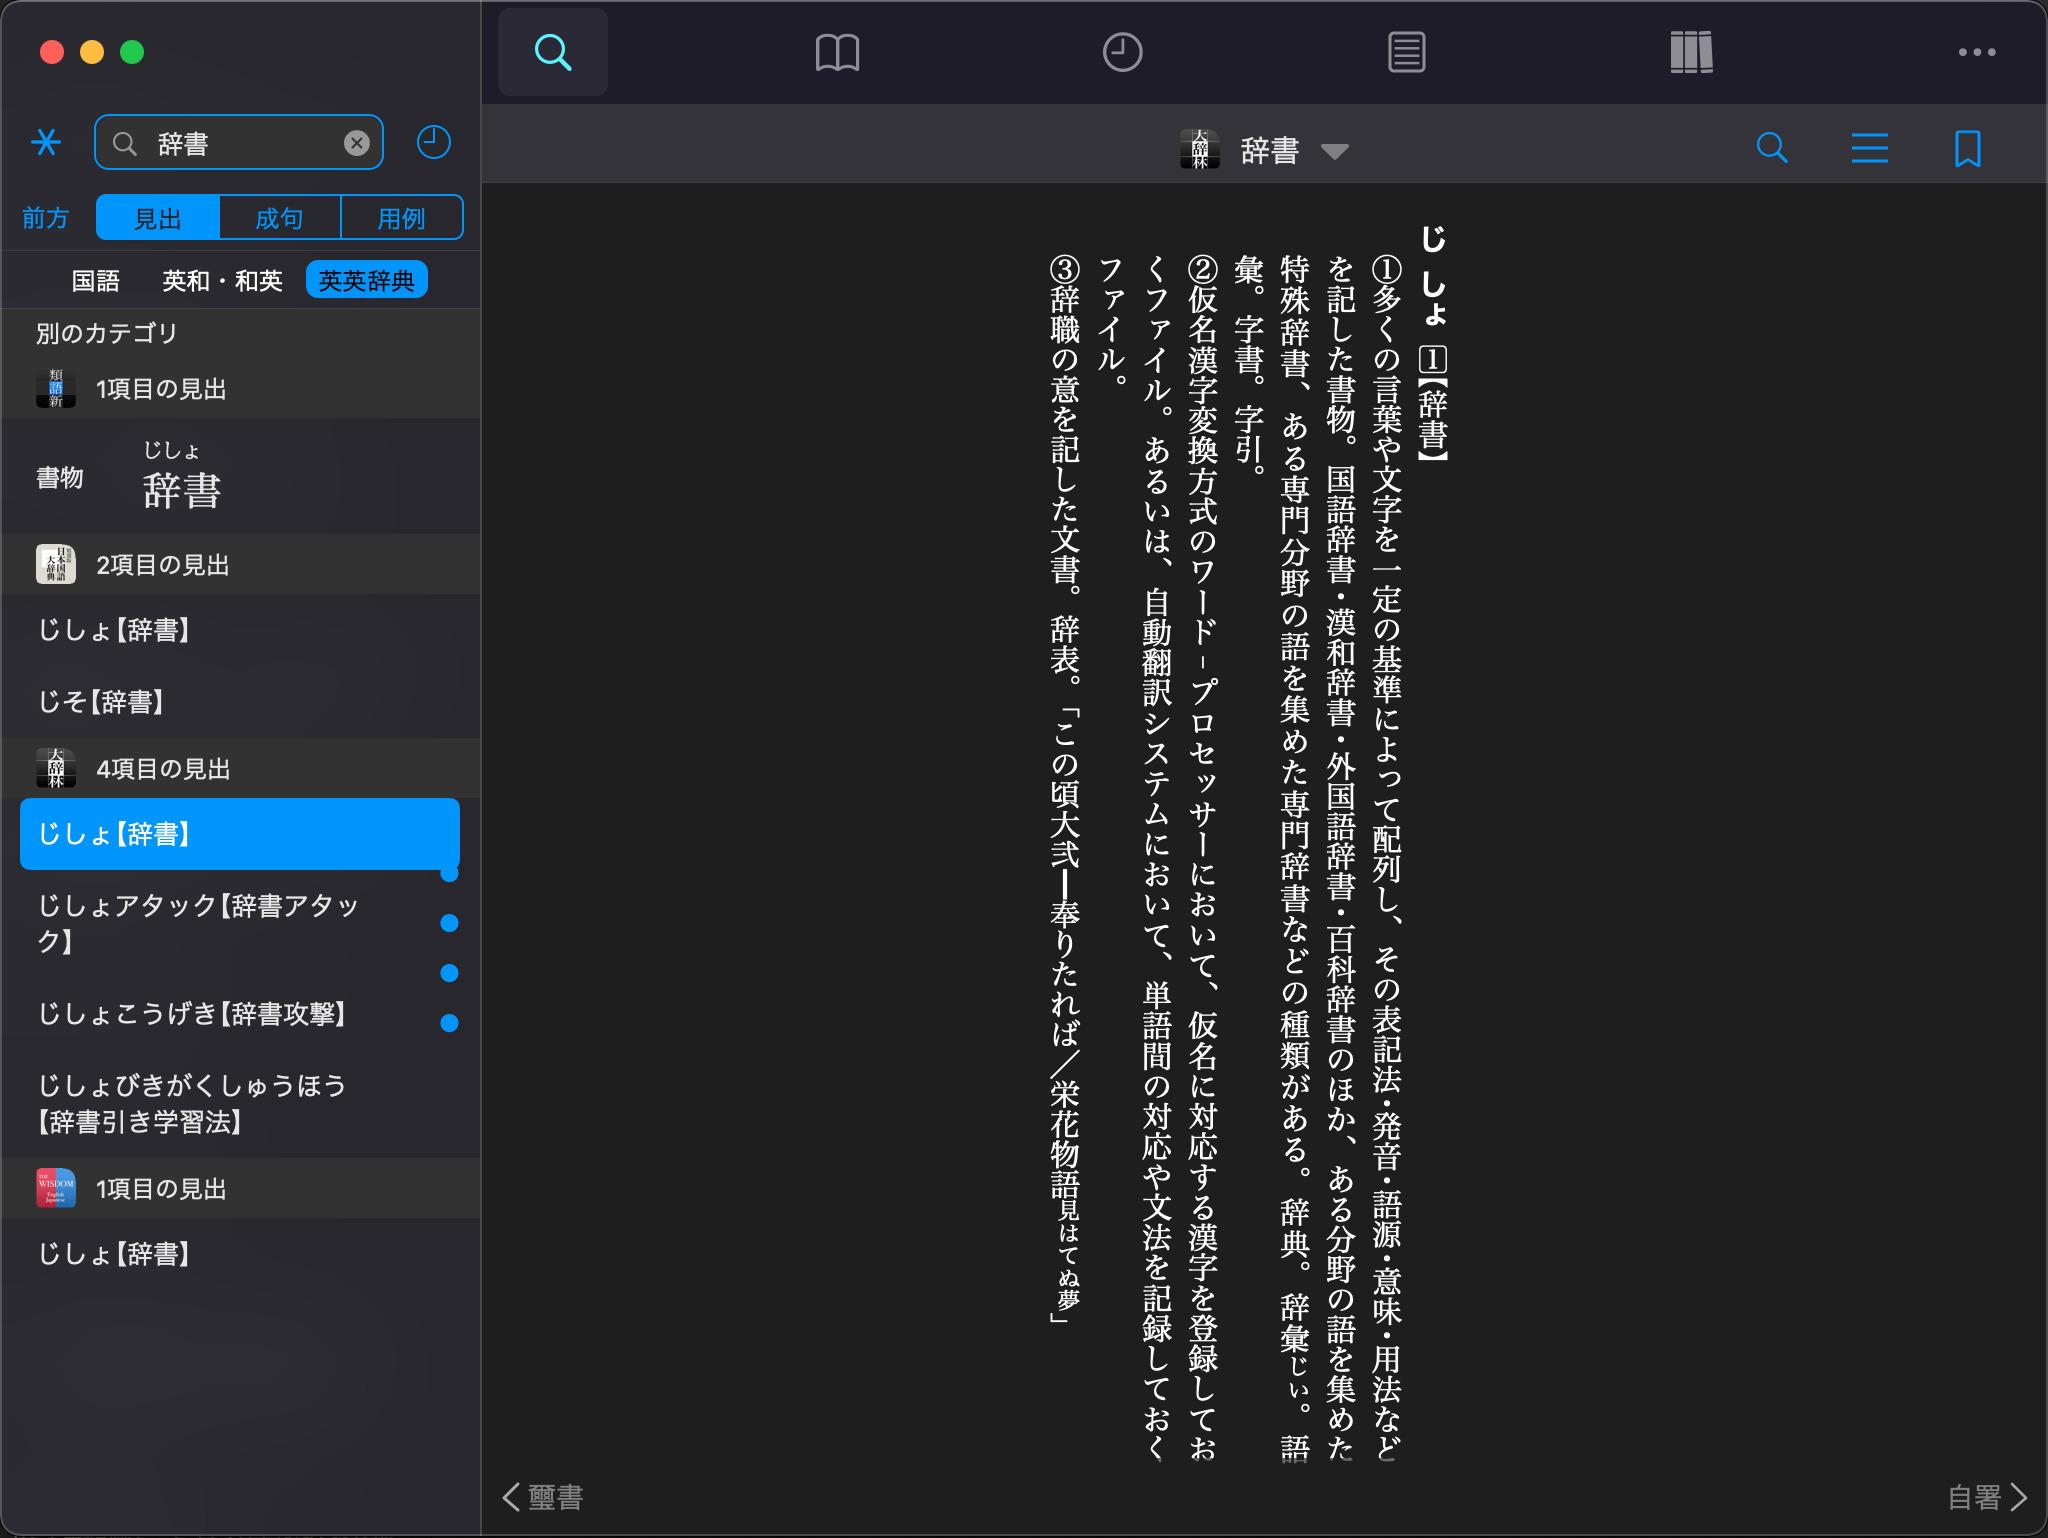 スクリーンショット 2021-05-05 23.02.47